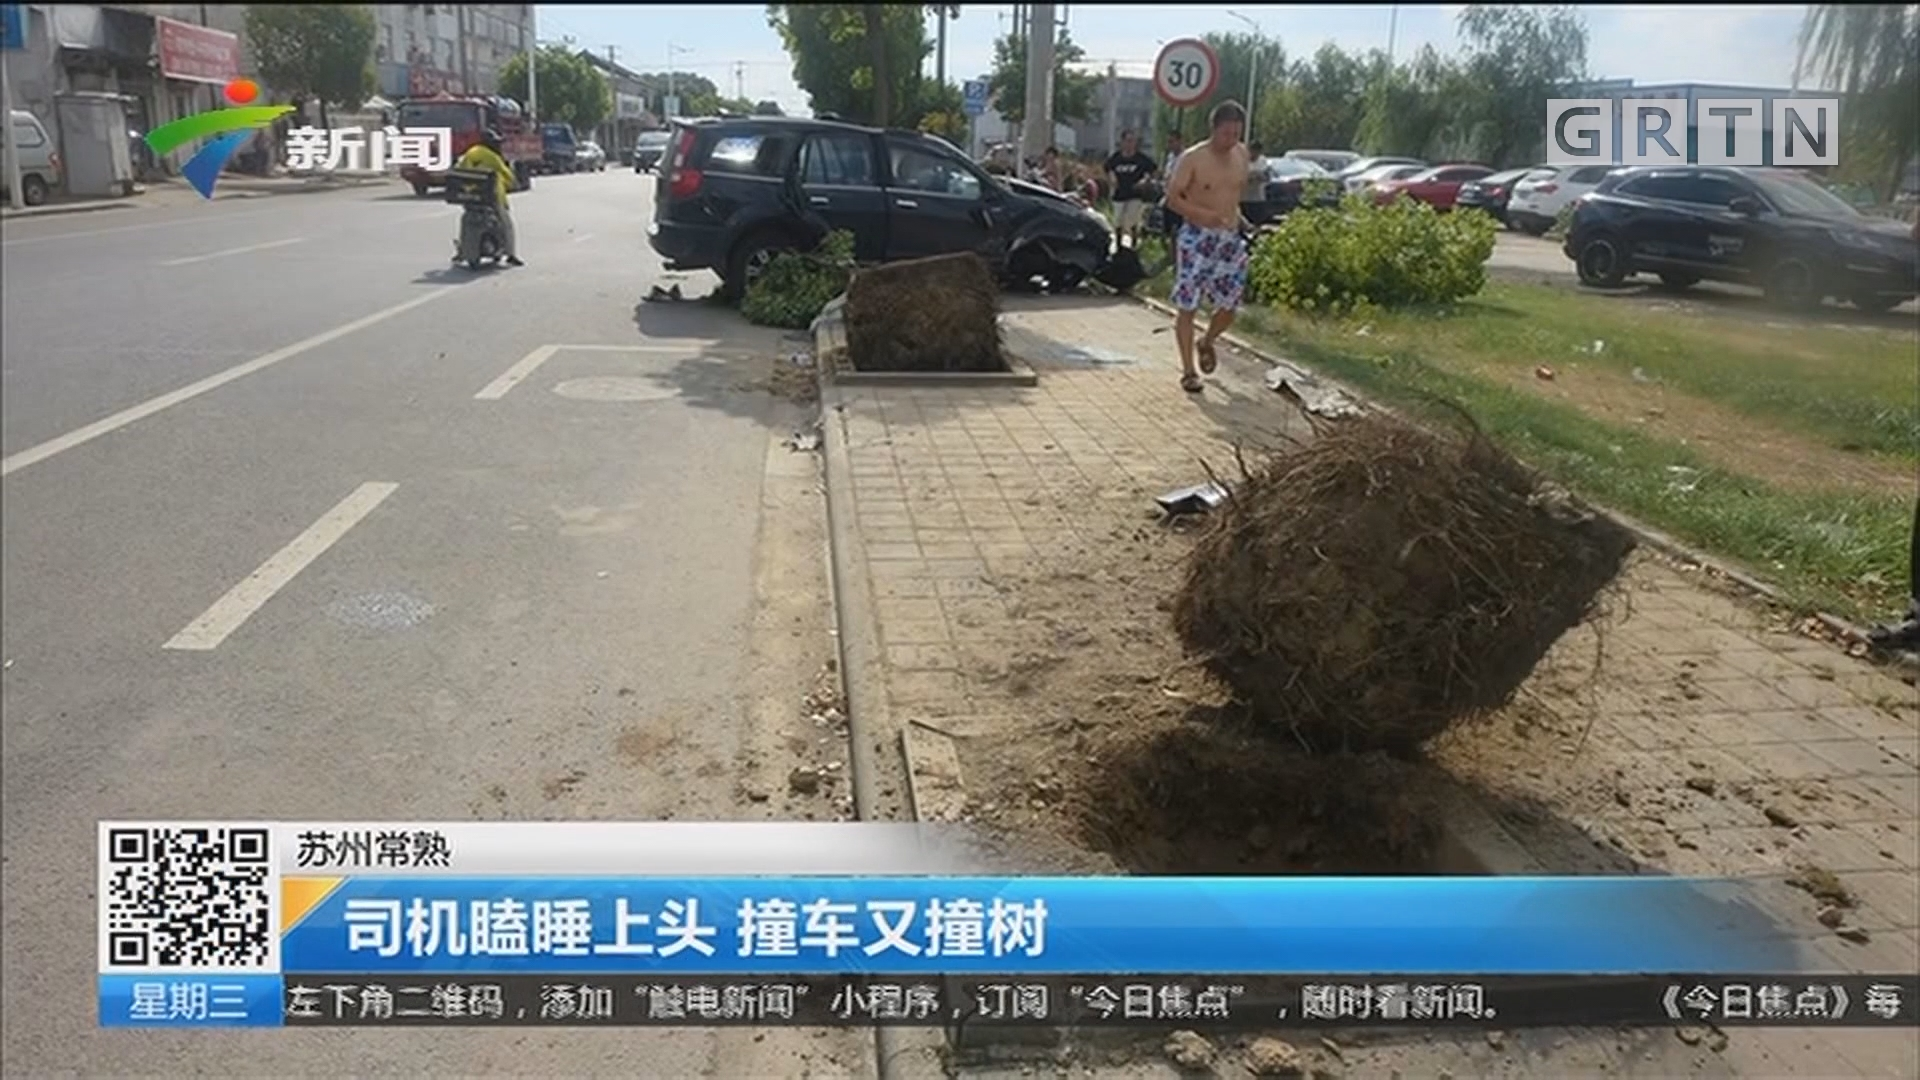 苏州常熟:司机瞌睡上头 撞车又撞树